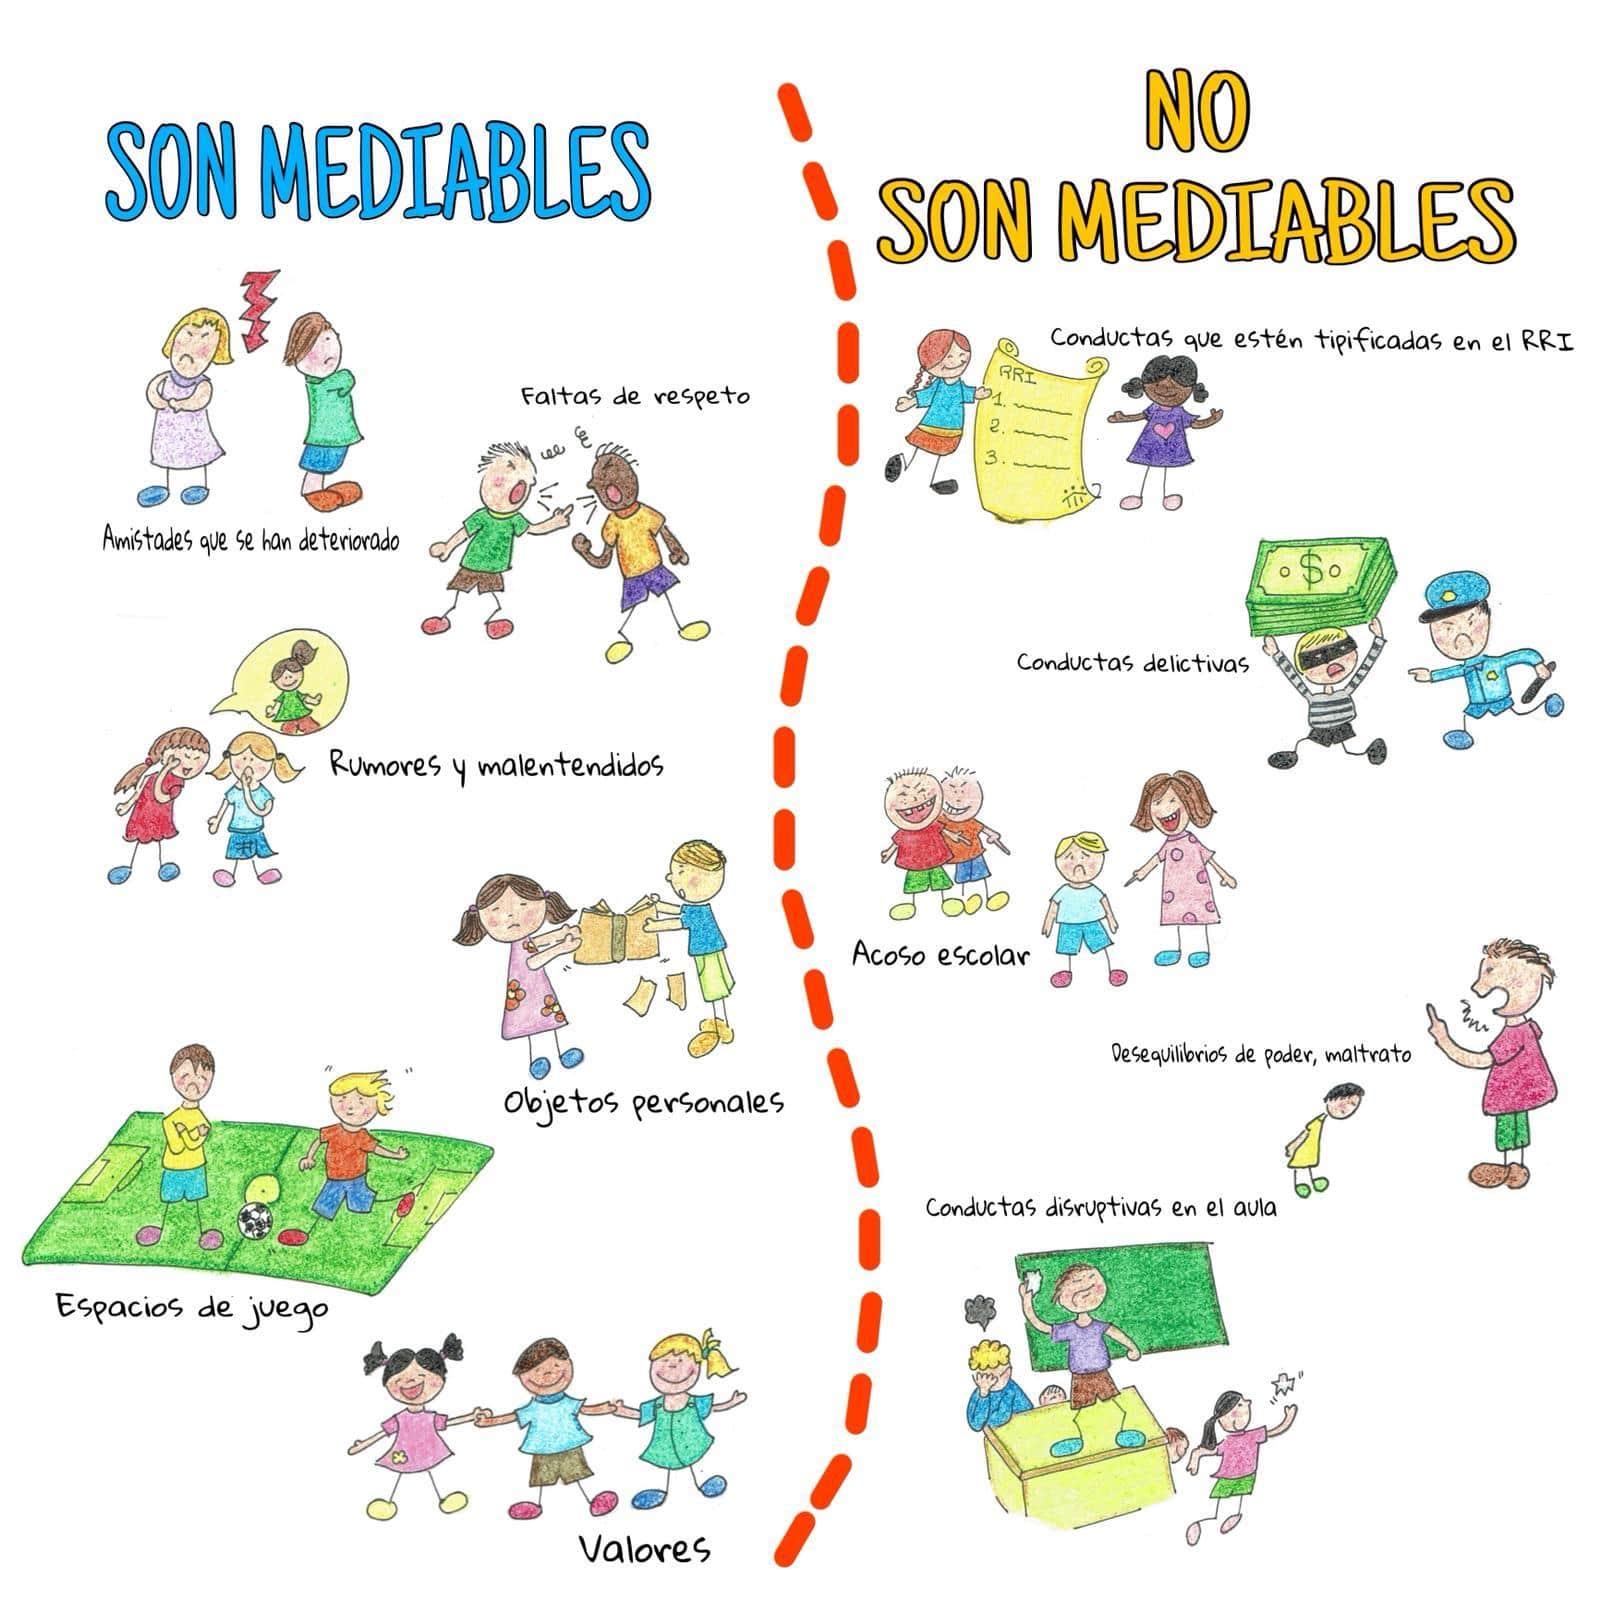 Conductas mediables y no mediables